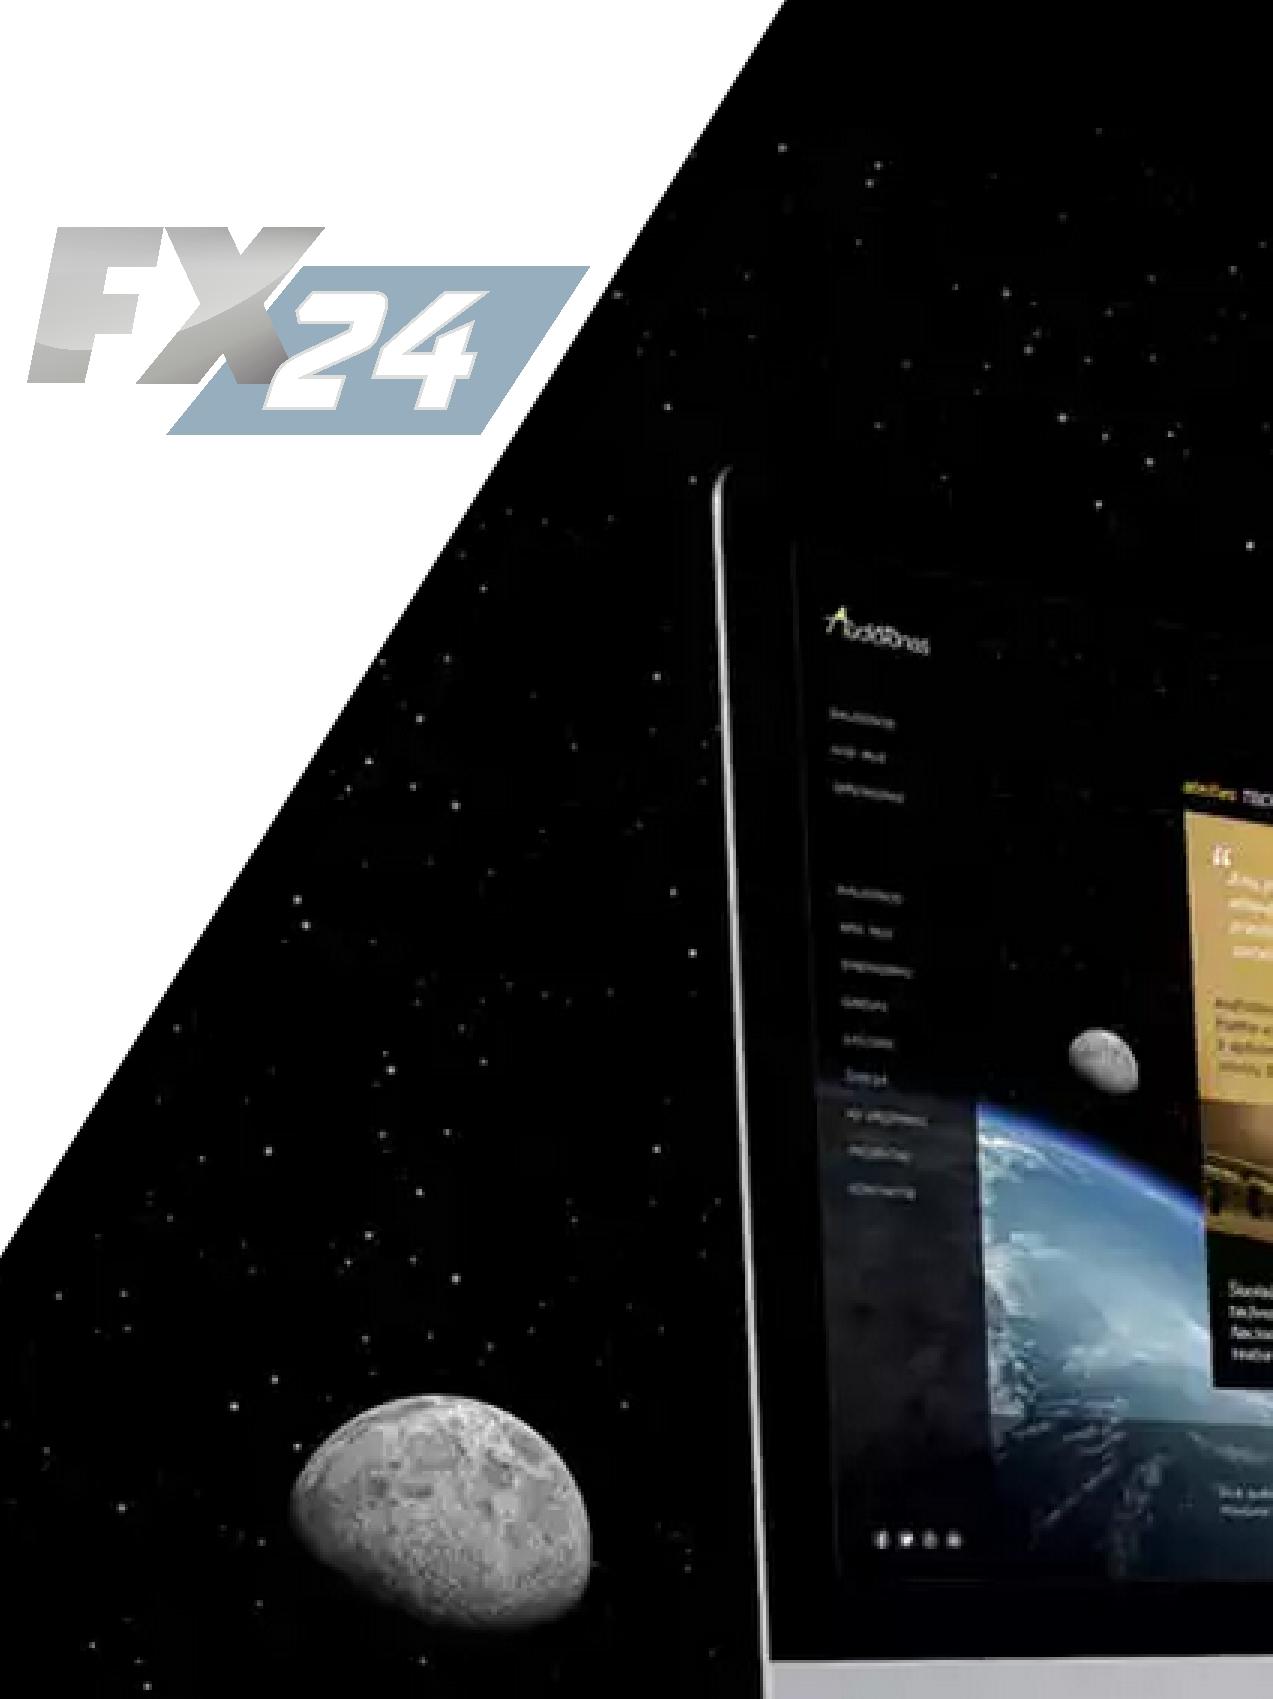 Разработка логотипа компании FX-24 фото f_496545322e808bc8.jpg